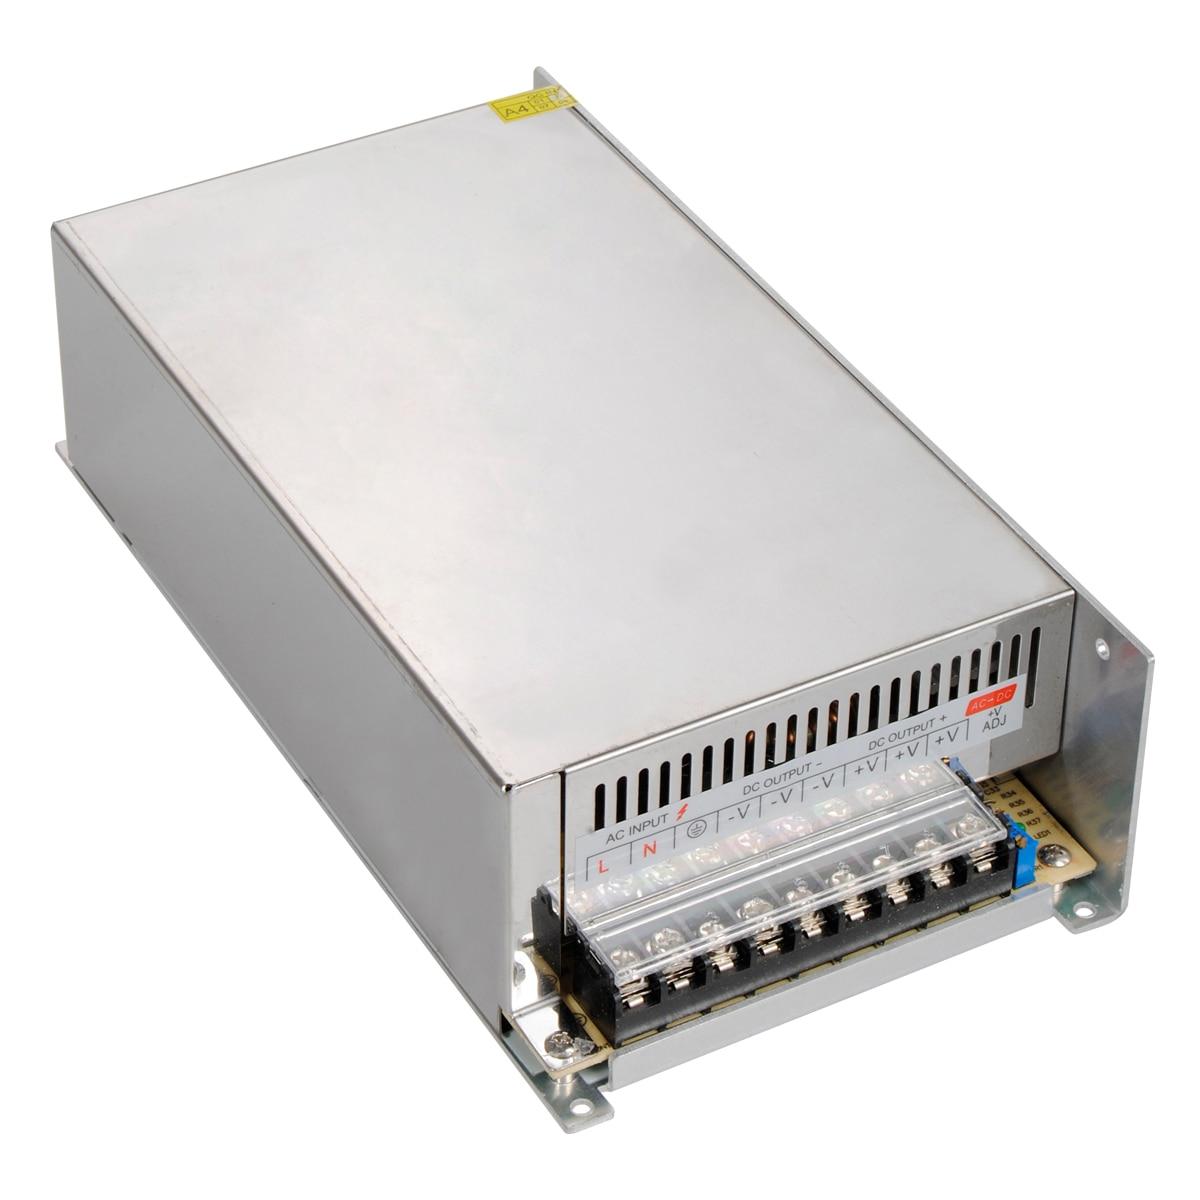 Nouveauté 24 V 25A 600 W pilote d'alimentation à découpage pour bande de LED AC 100-240 V entrée à 24 V